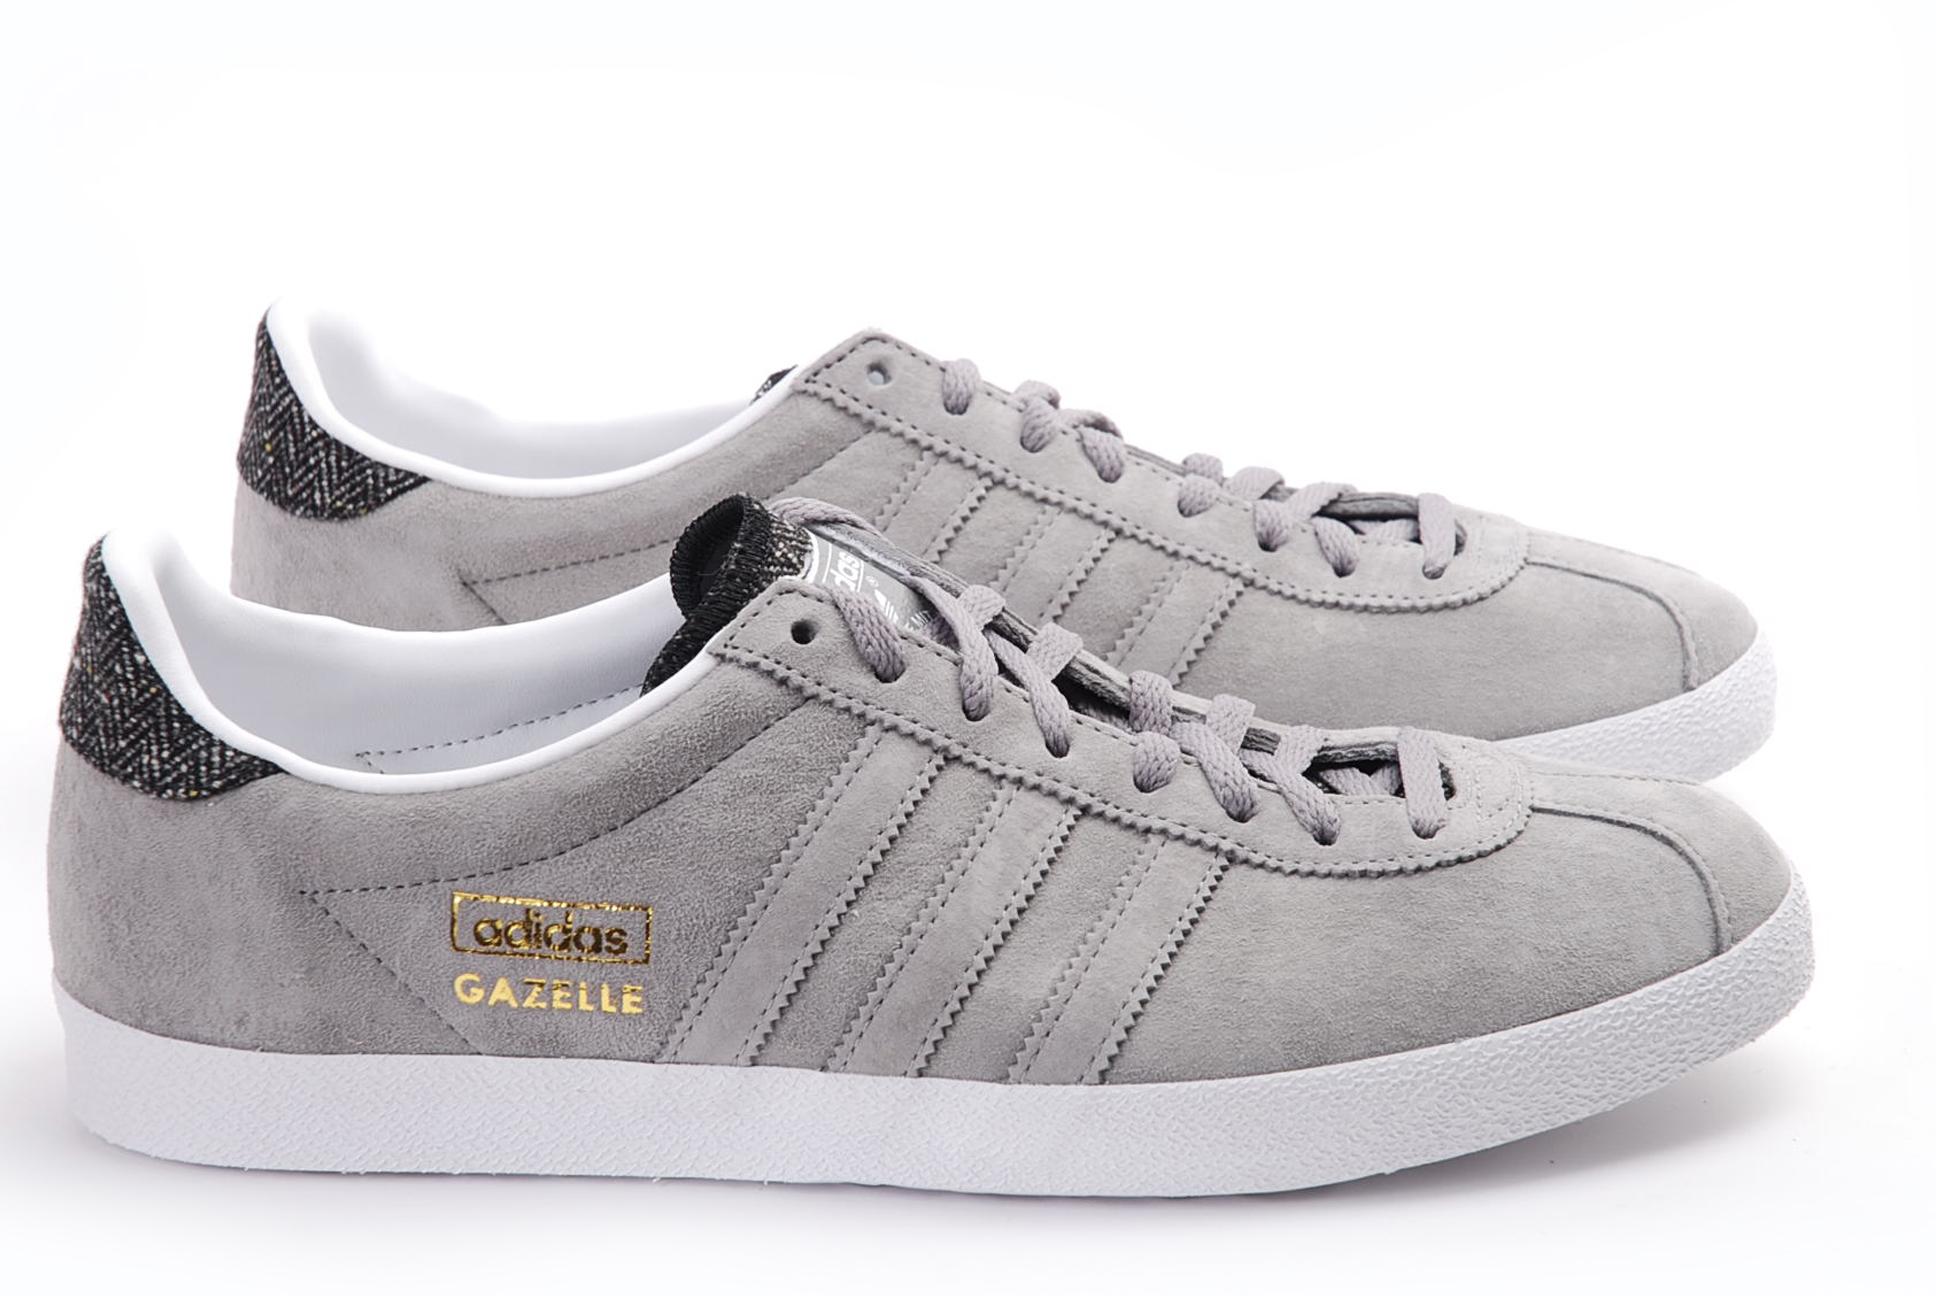 New-Mens-Adidas-Gazelle-OG-Originals-Smart-Casual-